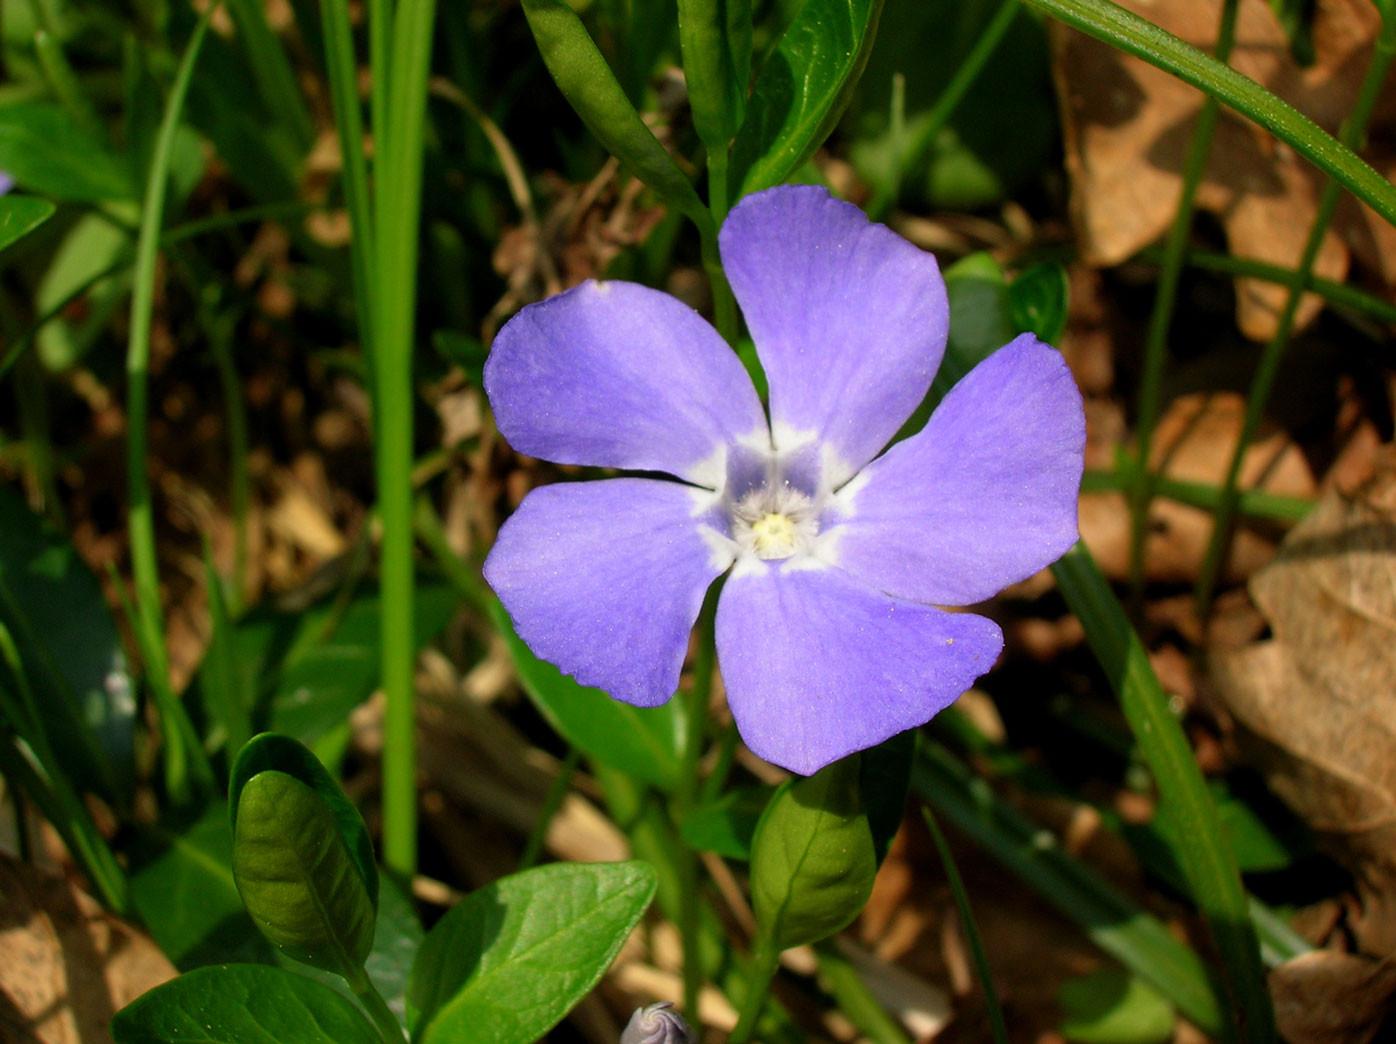 Kleines Immergrün (Vinca minor) | HUNDSGIFTGEWÄCHSE (Apocynaceae) | schwach giftig!